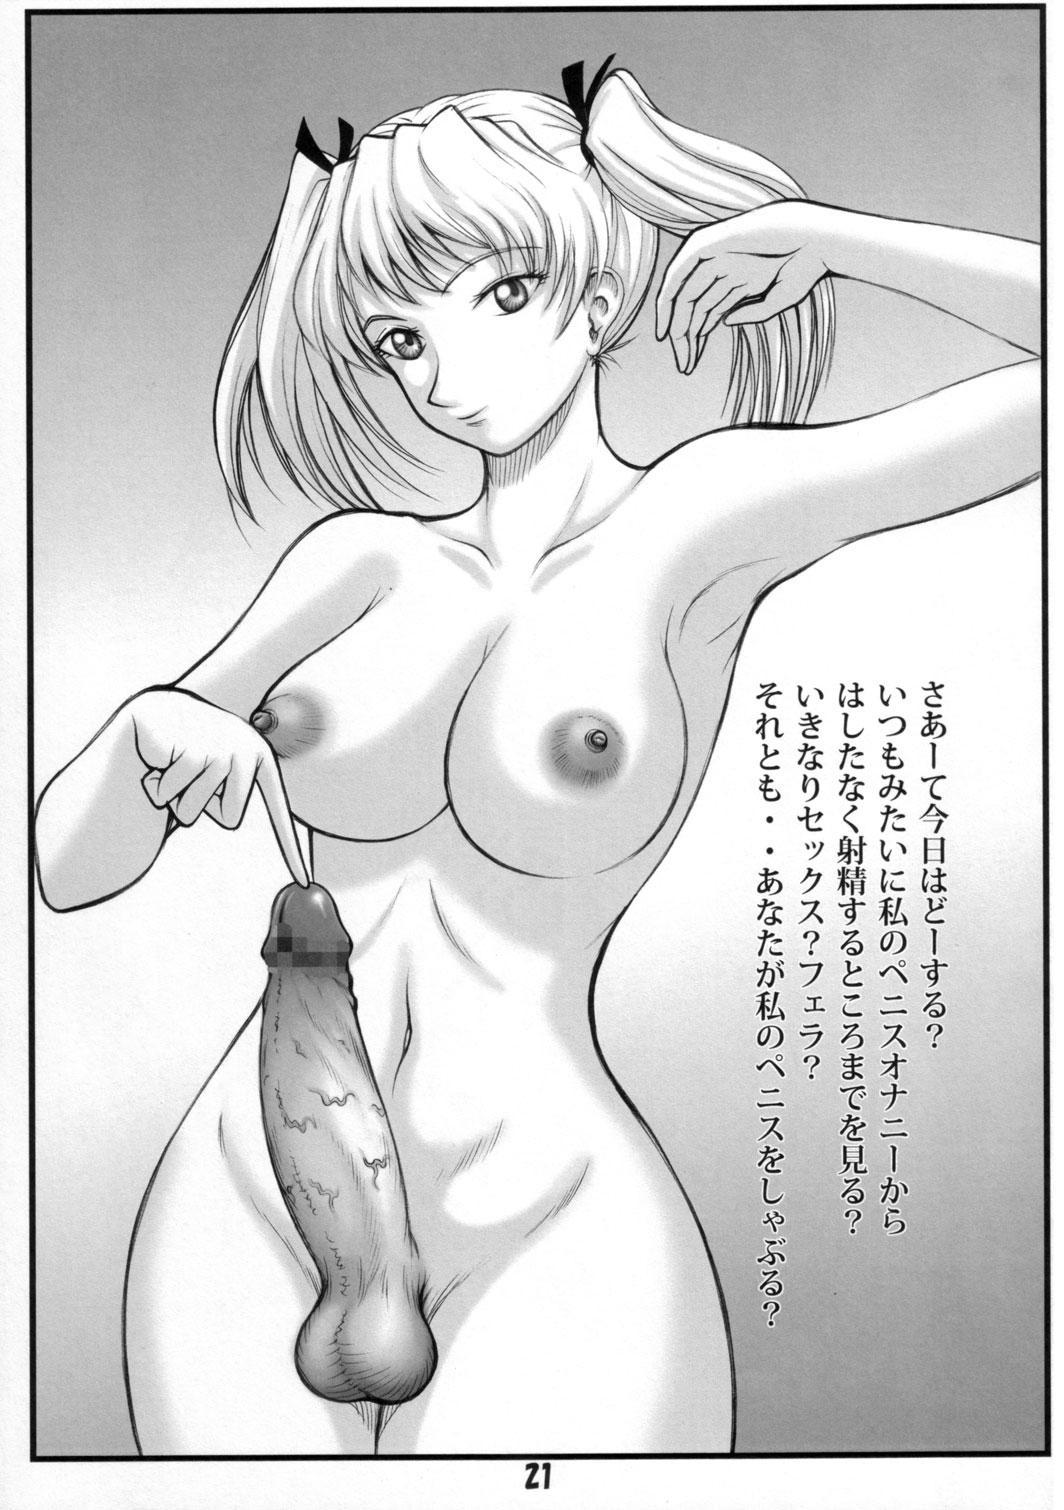 Yakumo to Sara no Futafuta Otomarikai 19